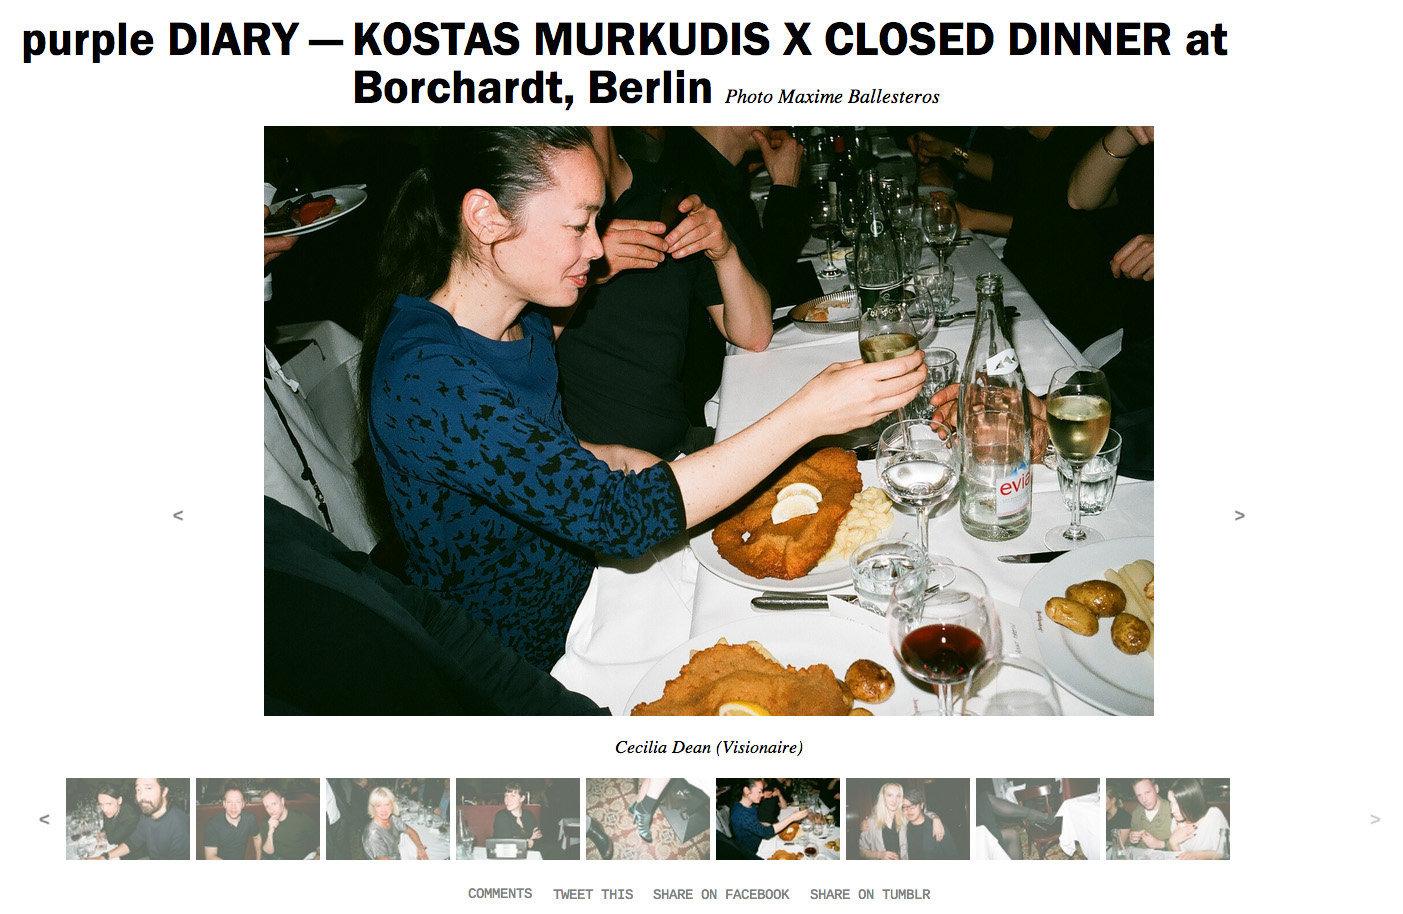 purple DIARY   KOSTAS MURKUDIS X CLOSED DINNER at Borchardt  Berlin.jpg